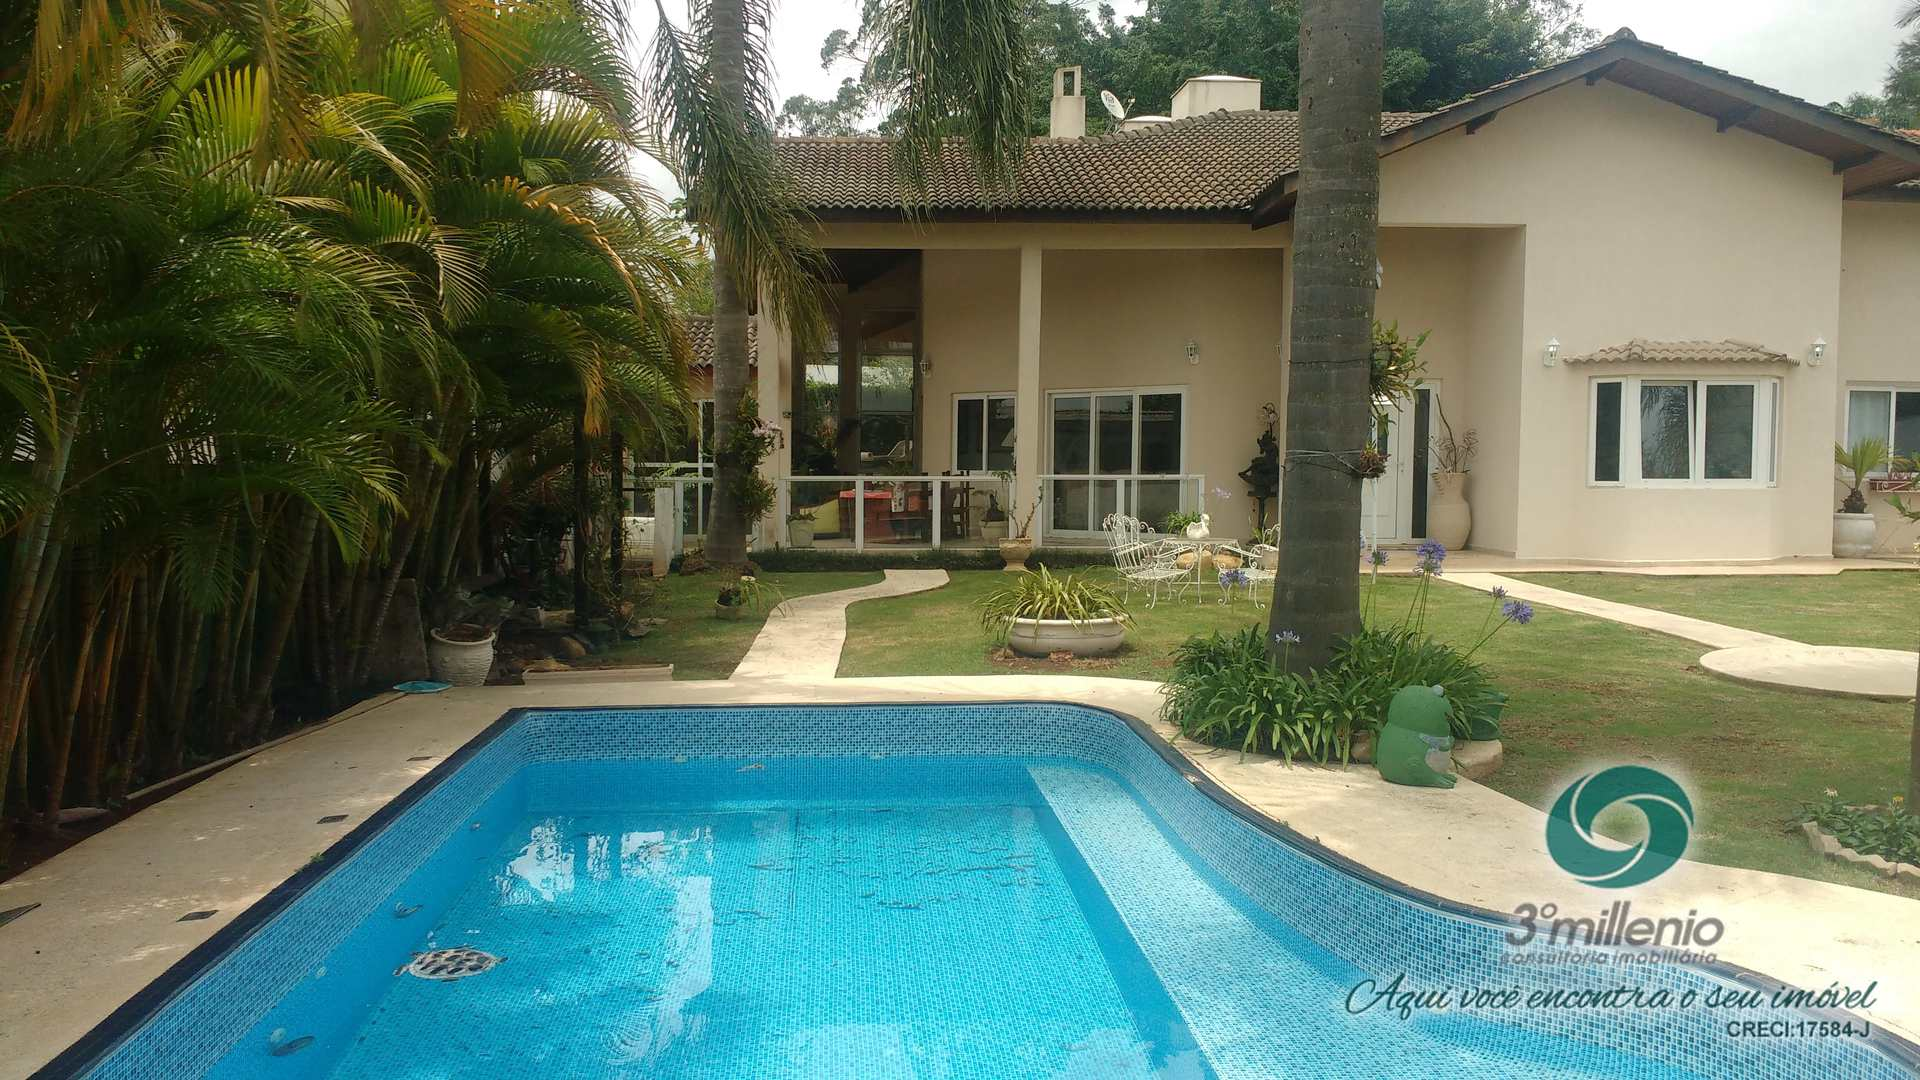 Casa com 4 dorms, Palos Verdes, Carapicuíba - R$ 2.2 mi, Cod: 30721